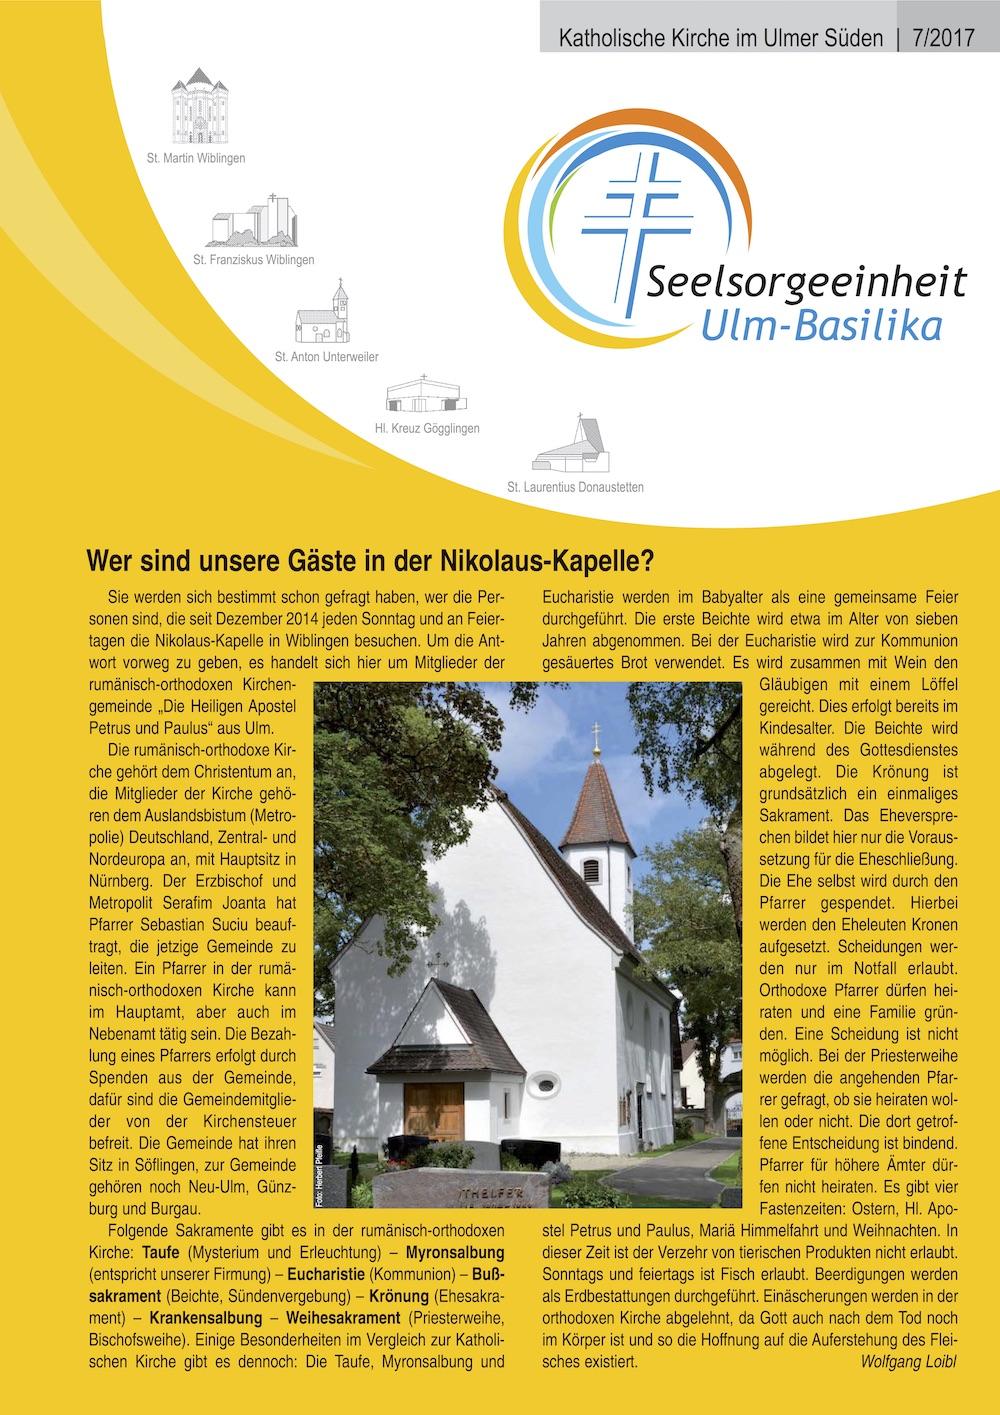 Katholische Kirche im Ulmer Süden 7-2017